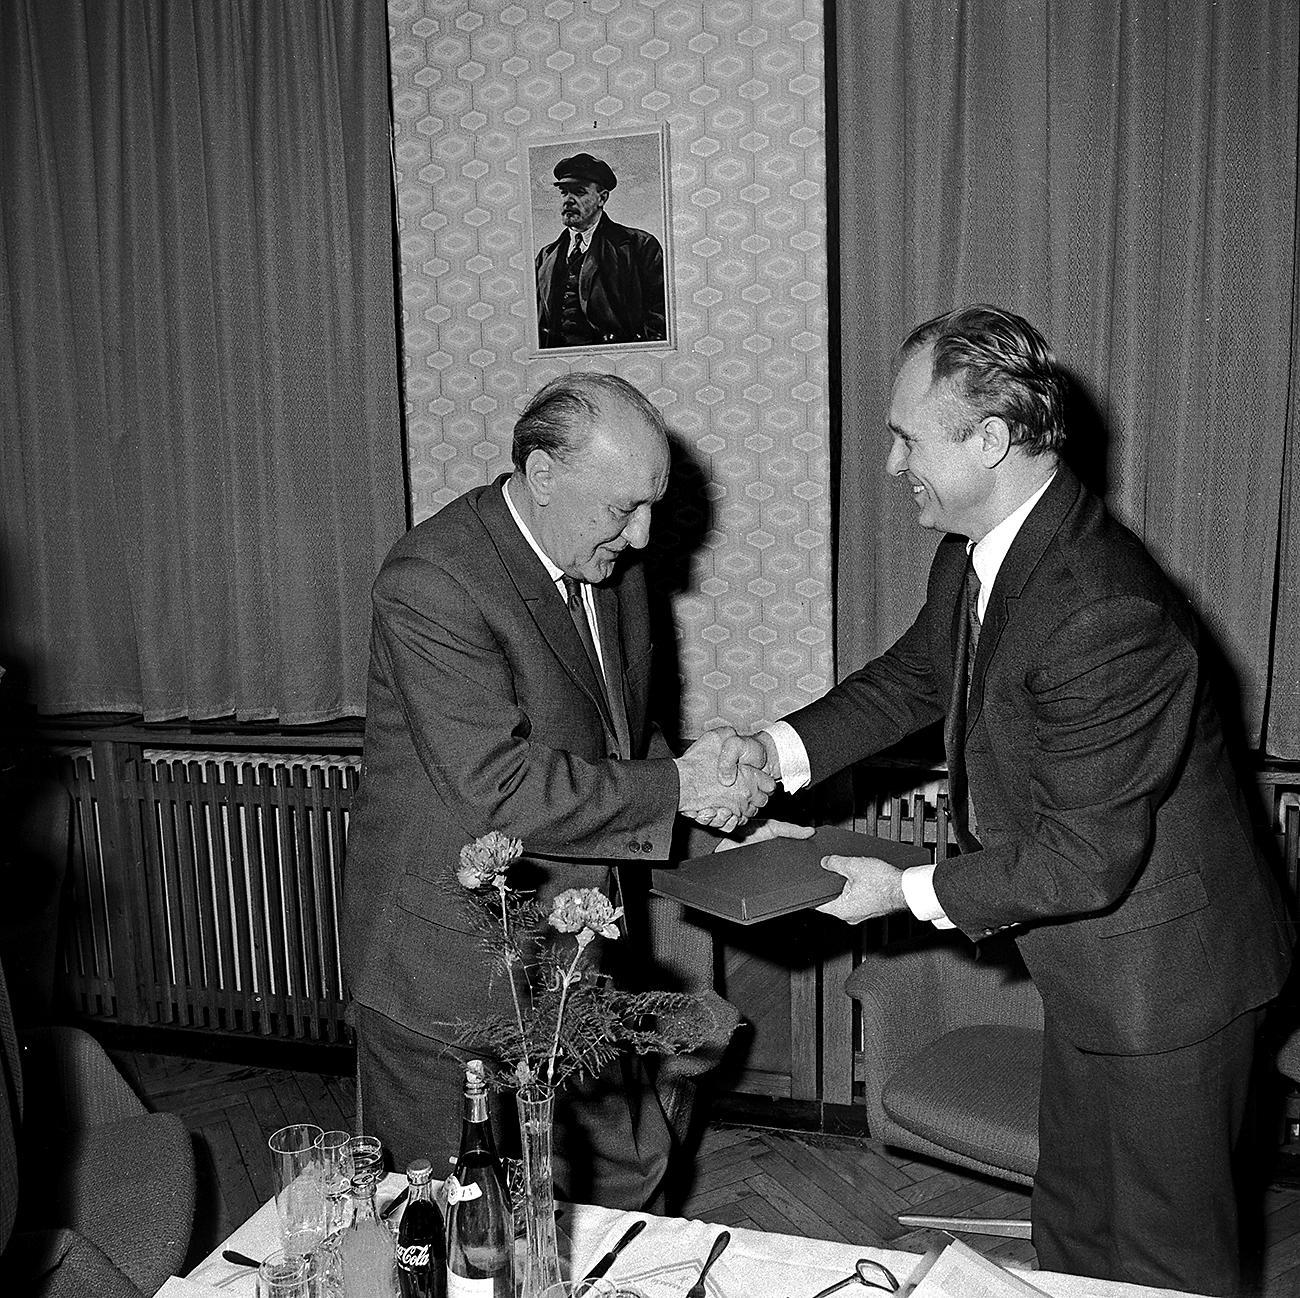 Kommunisták: Kádár, Lenin (a falon) és Katona / Fotó: Nol.hu